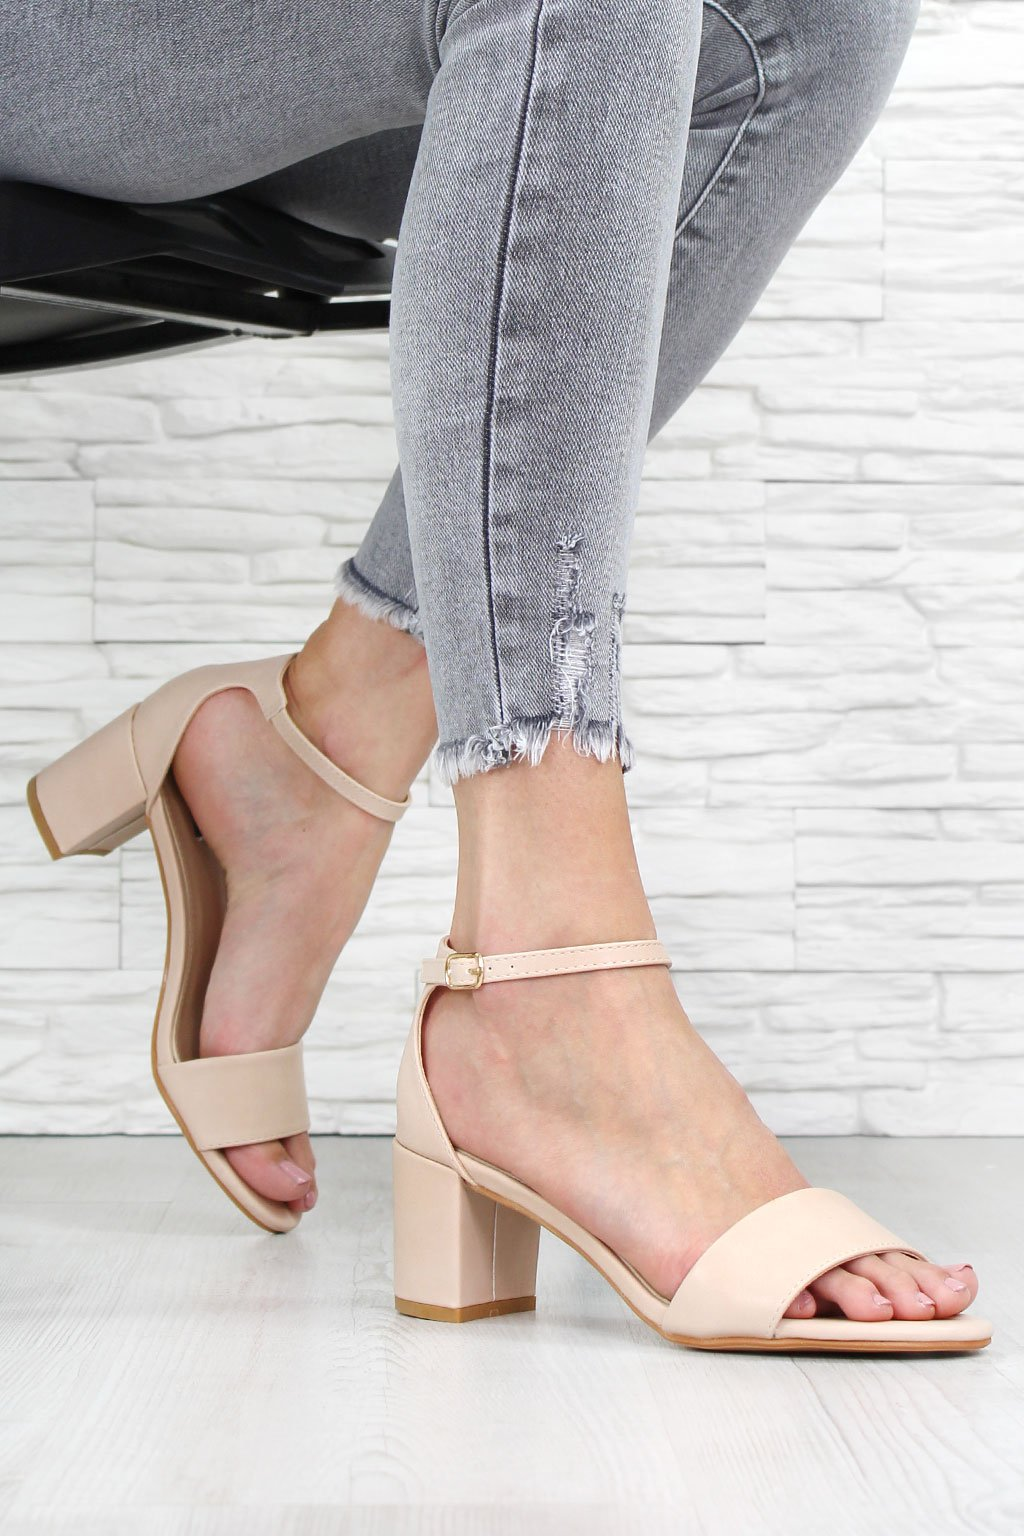 Béžové sandály na podpatku 7313 14BE (1)